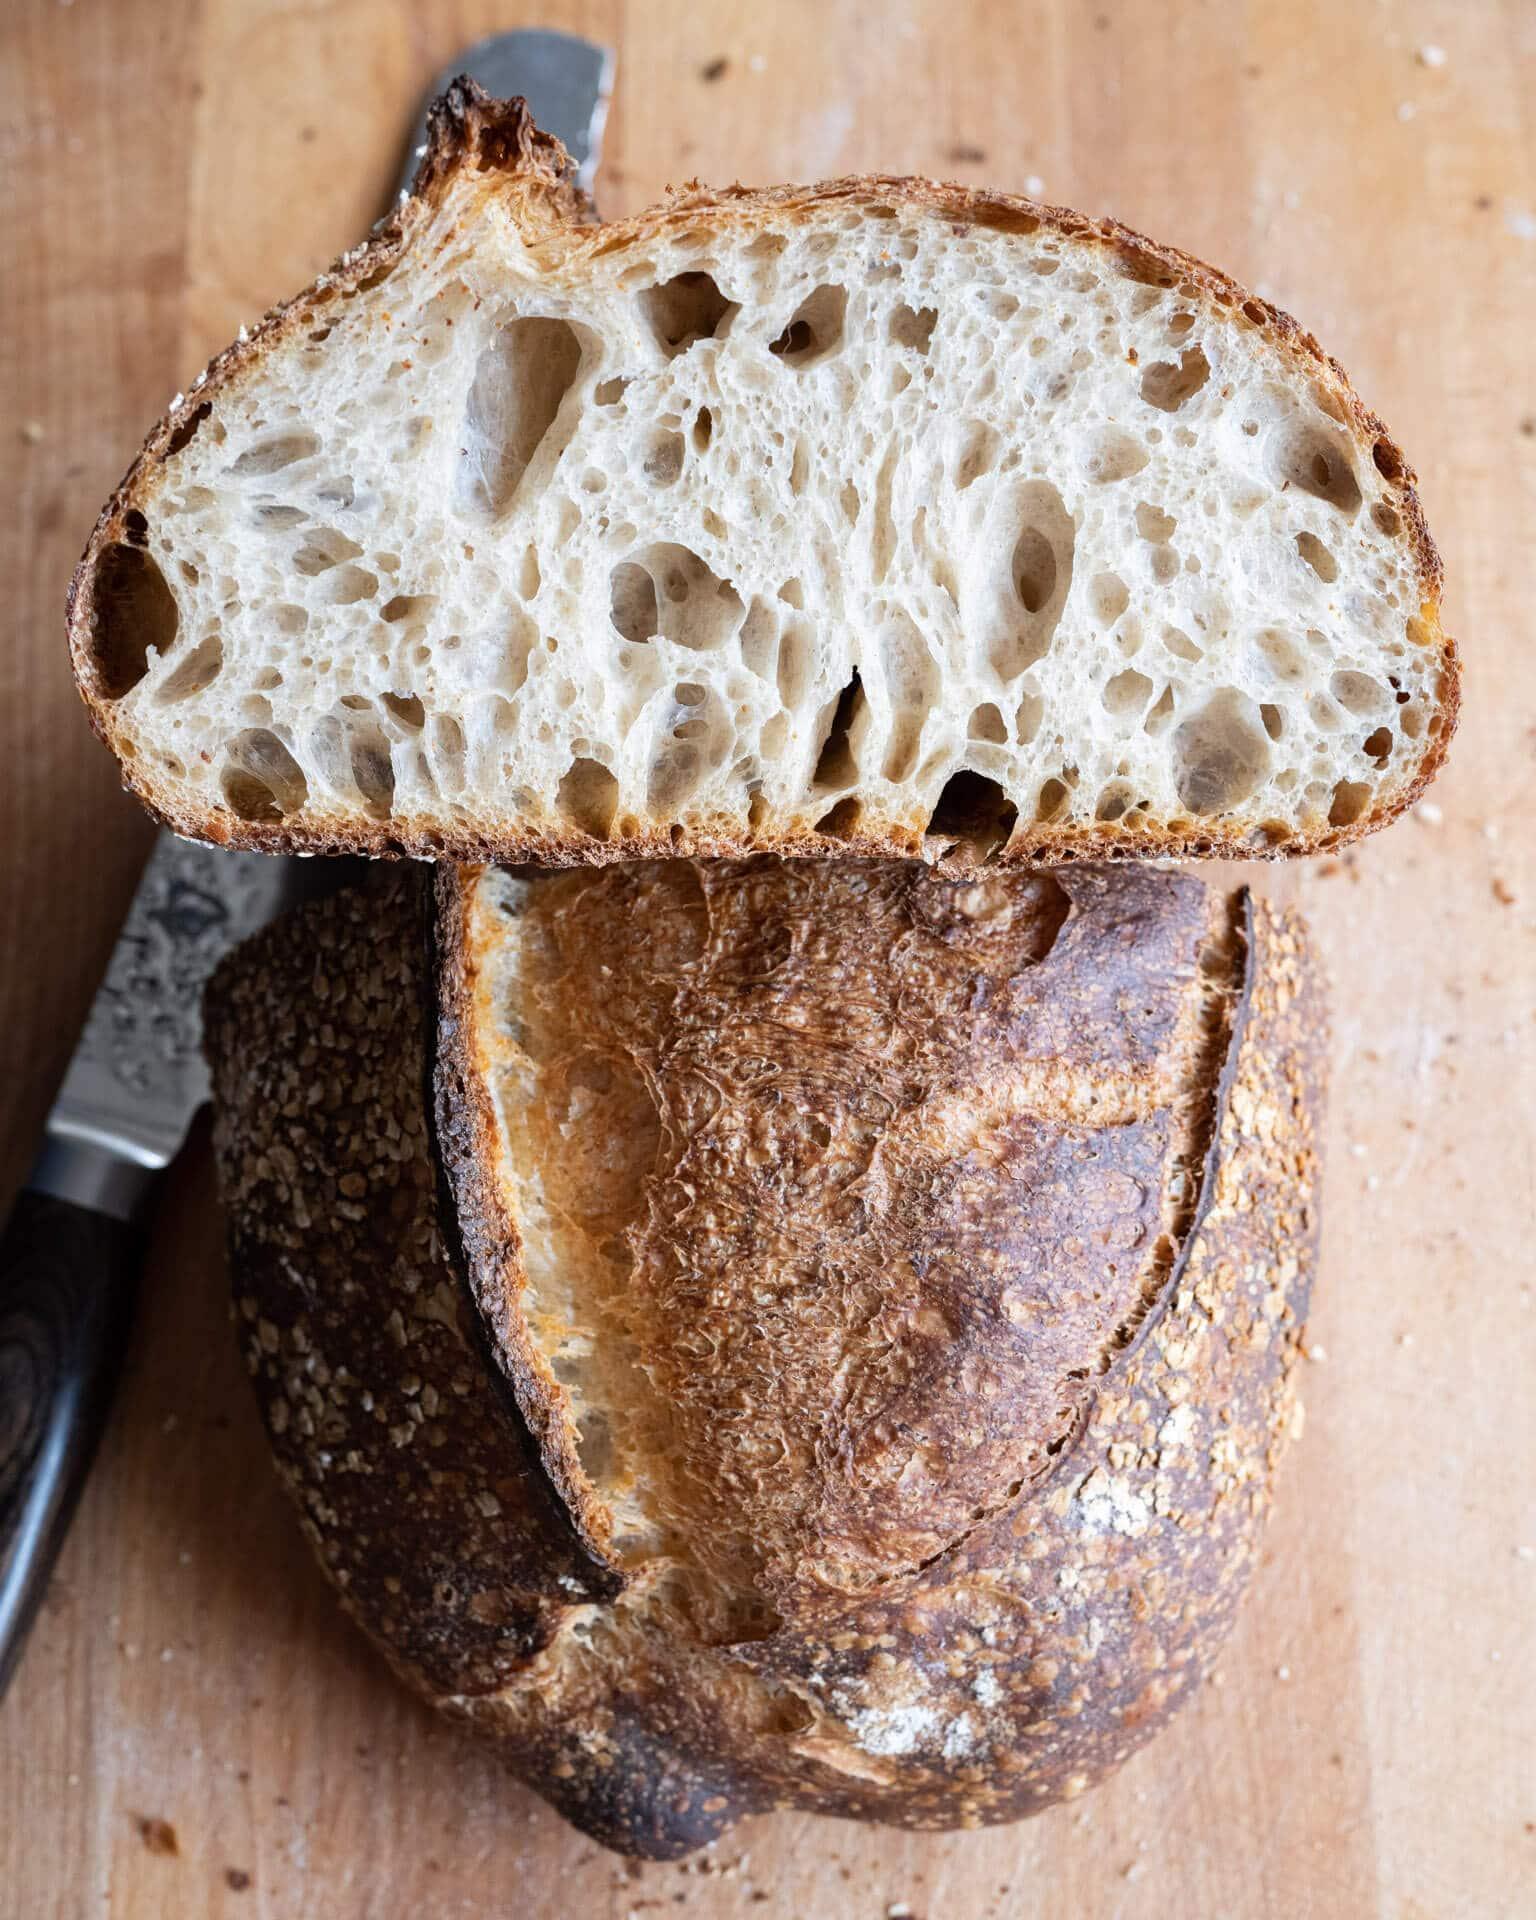 Cut sourdough bread on cutting board